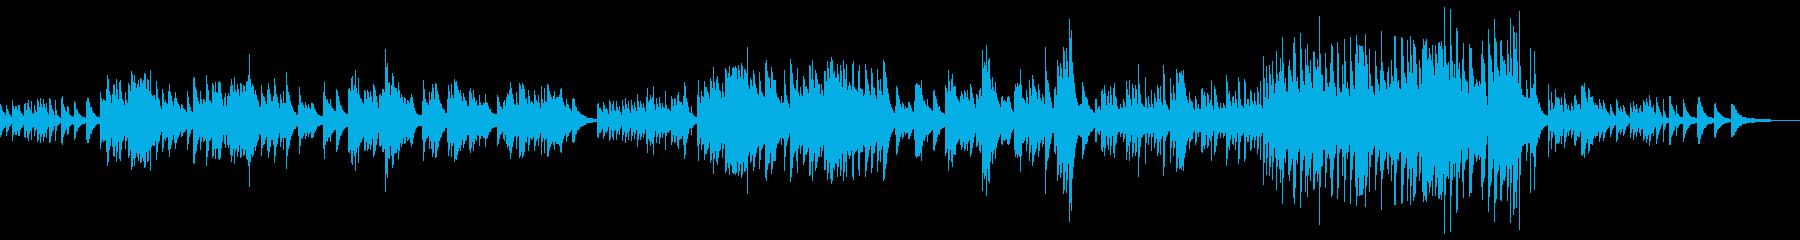 のどかな自然を感じさせるピアノ曲の再生済みの波形